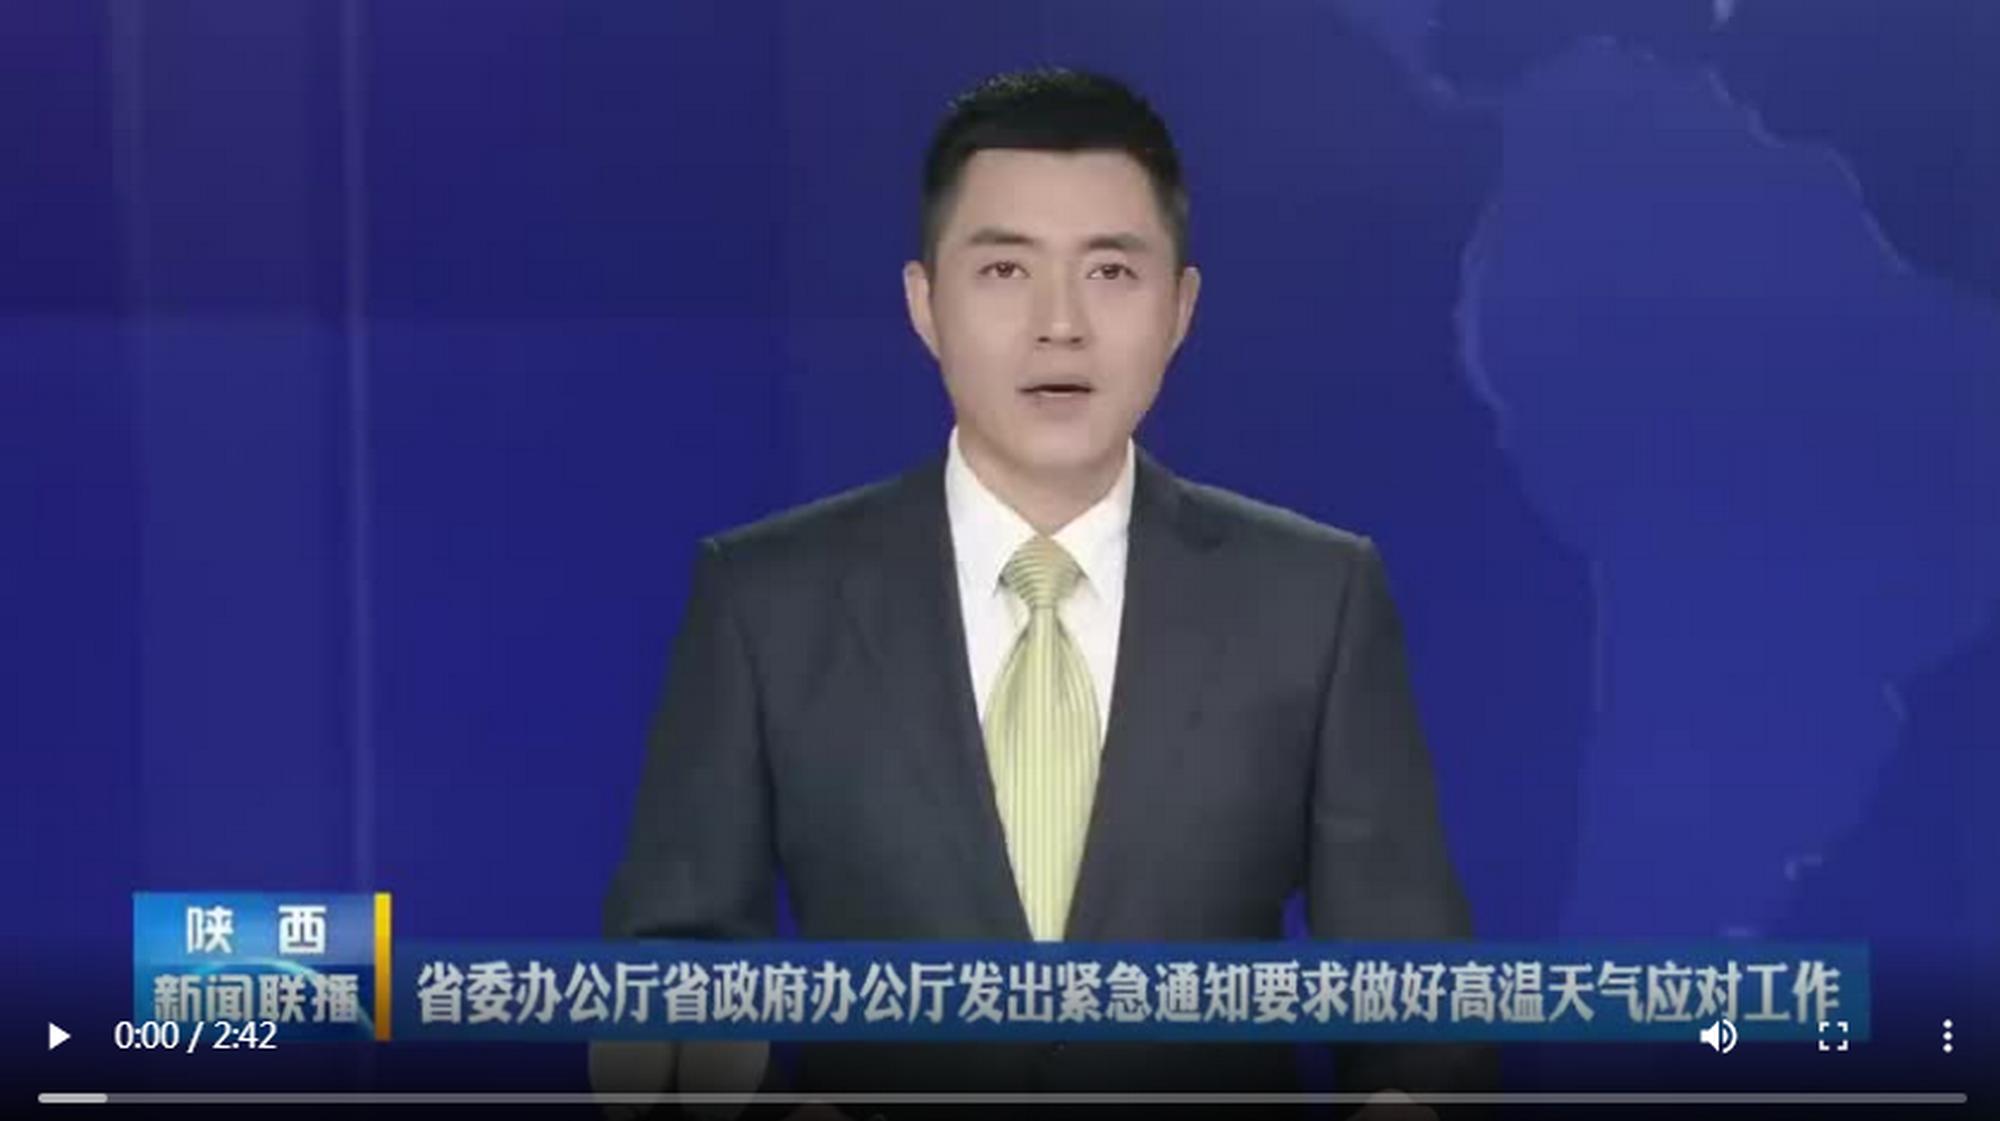 省委办公厅省政府办公厅发出紧急通知 要求做好高温天气应对工